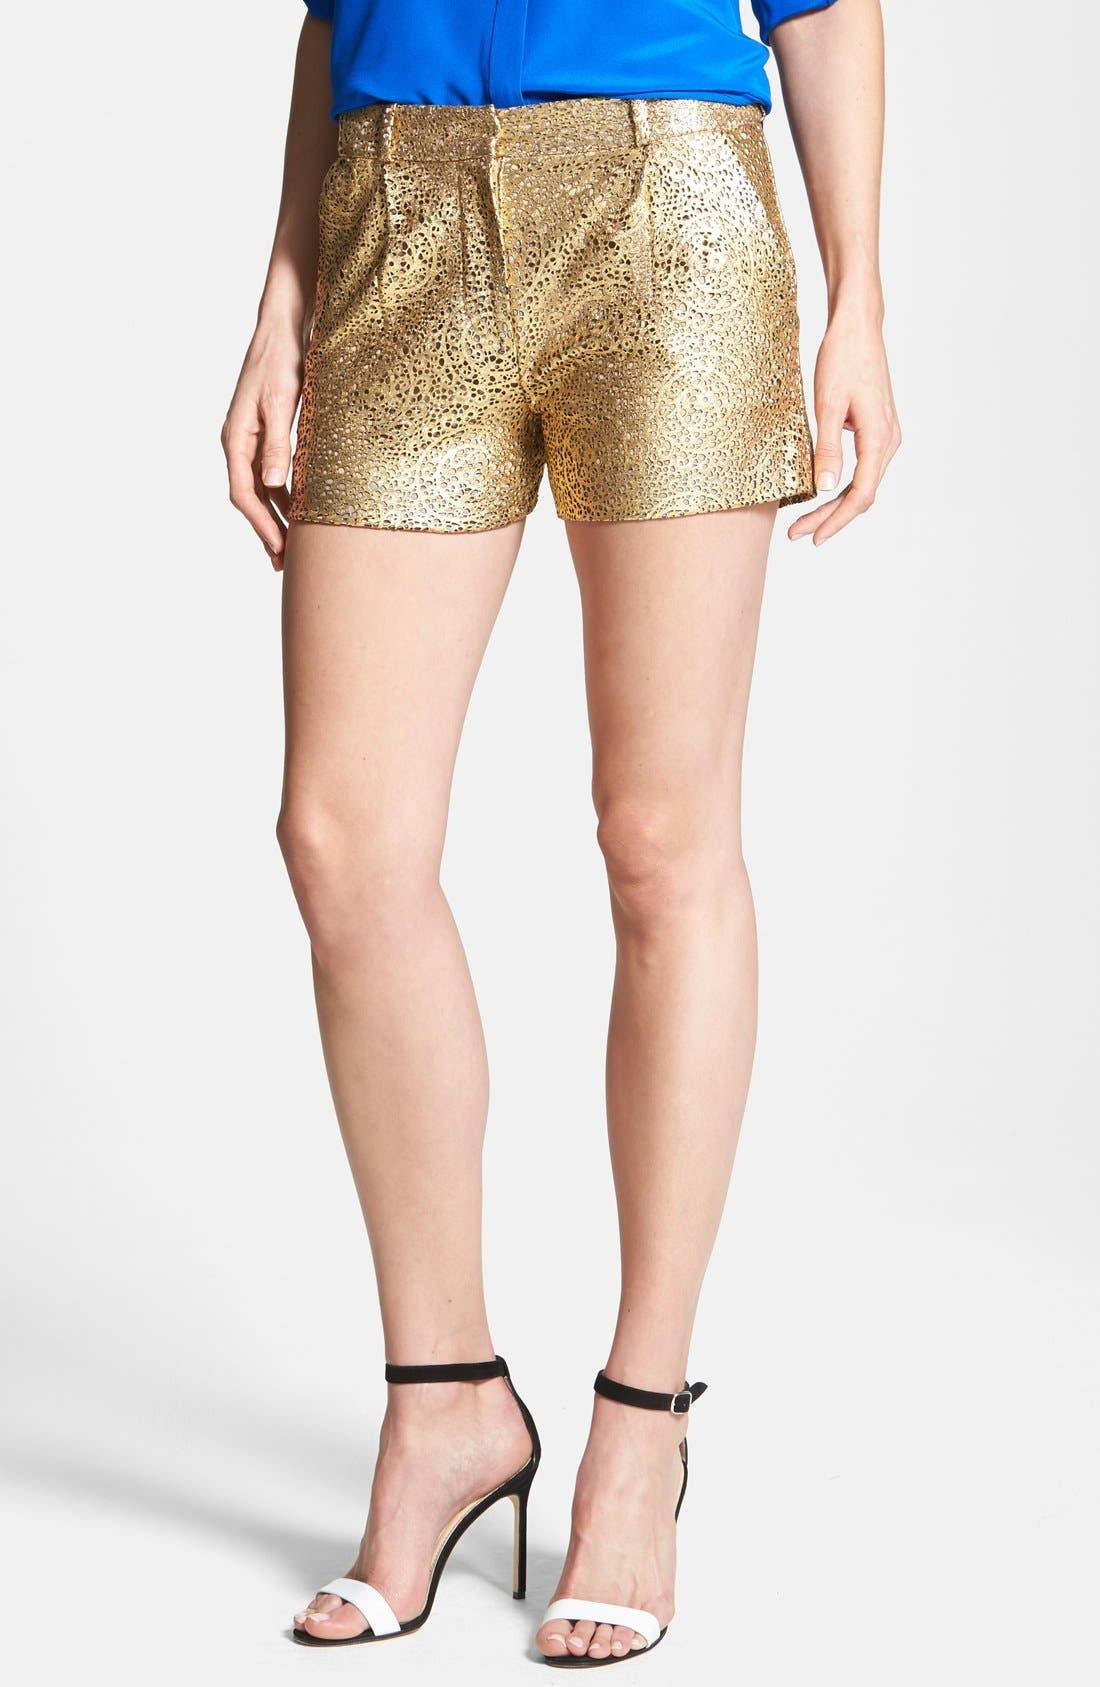 Main Image - Diane von Furstenberg 'Naples' Laser Cut Leather Shorts